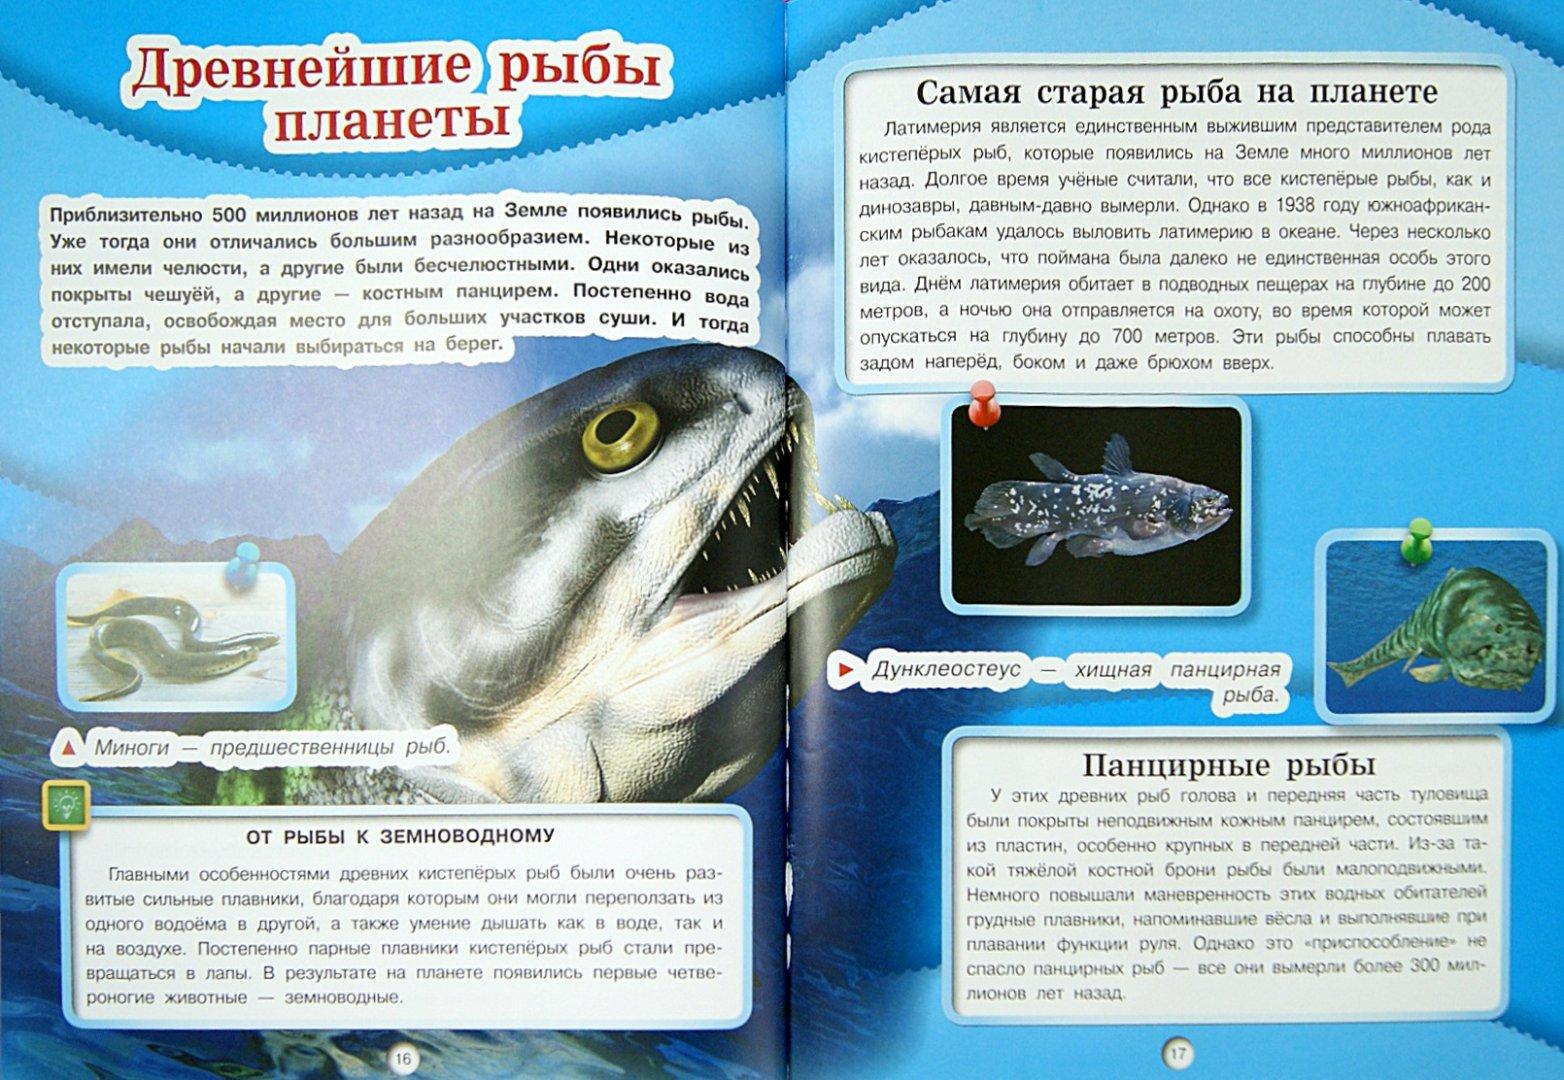 Иллюстрация 1 из 6 для Подводный мир - Д. Кошевар | Лабиринт - книги. Источник: Лабиринт